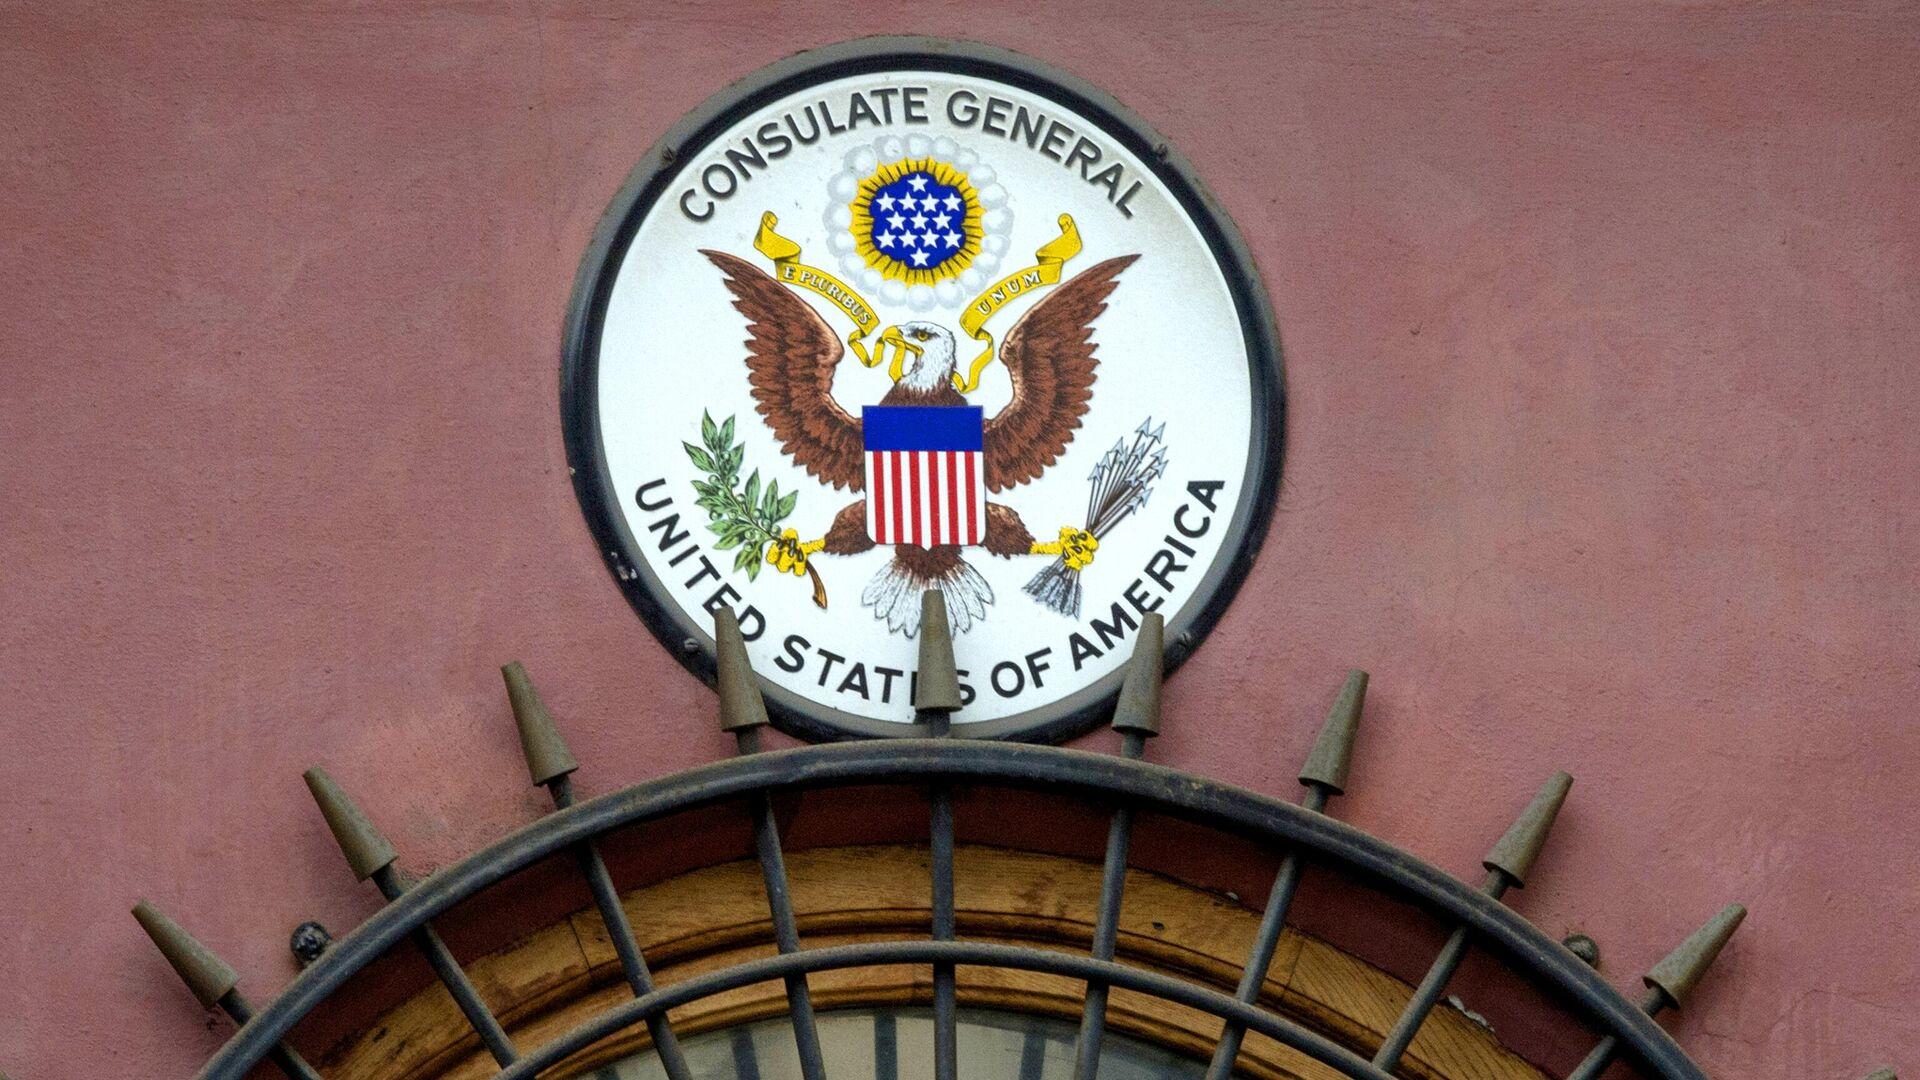 Американский герб на здании генерального консульства США в Санкт-Петербурге - РИА Новости, 1920, 02.05.2021